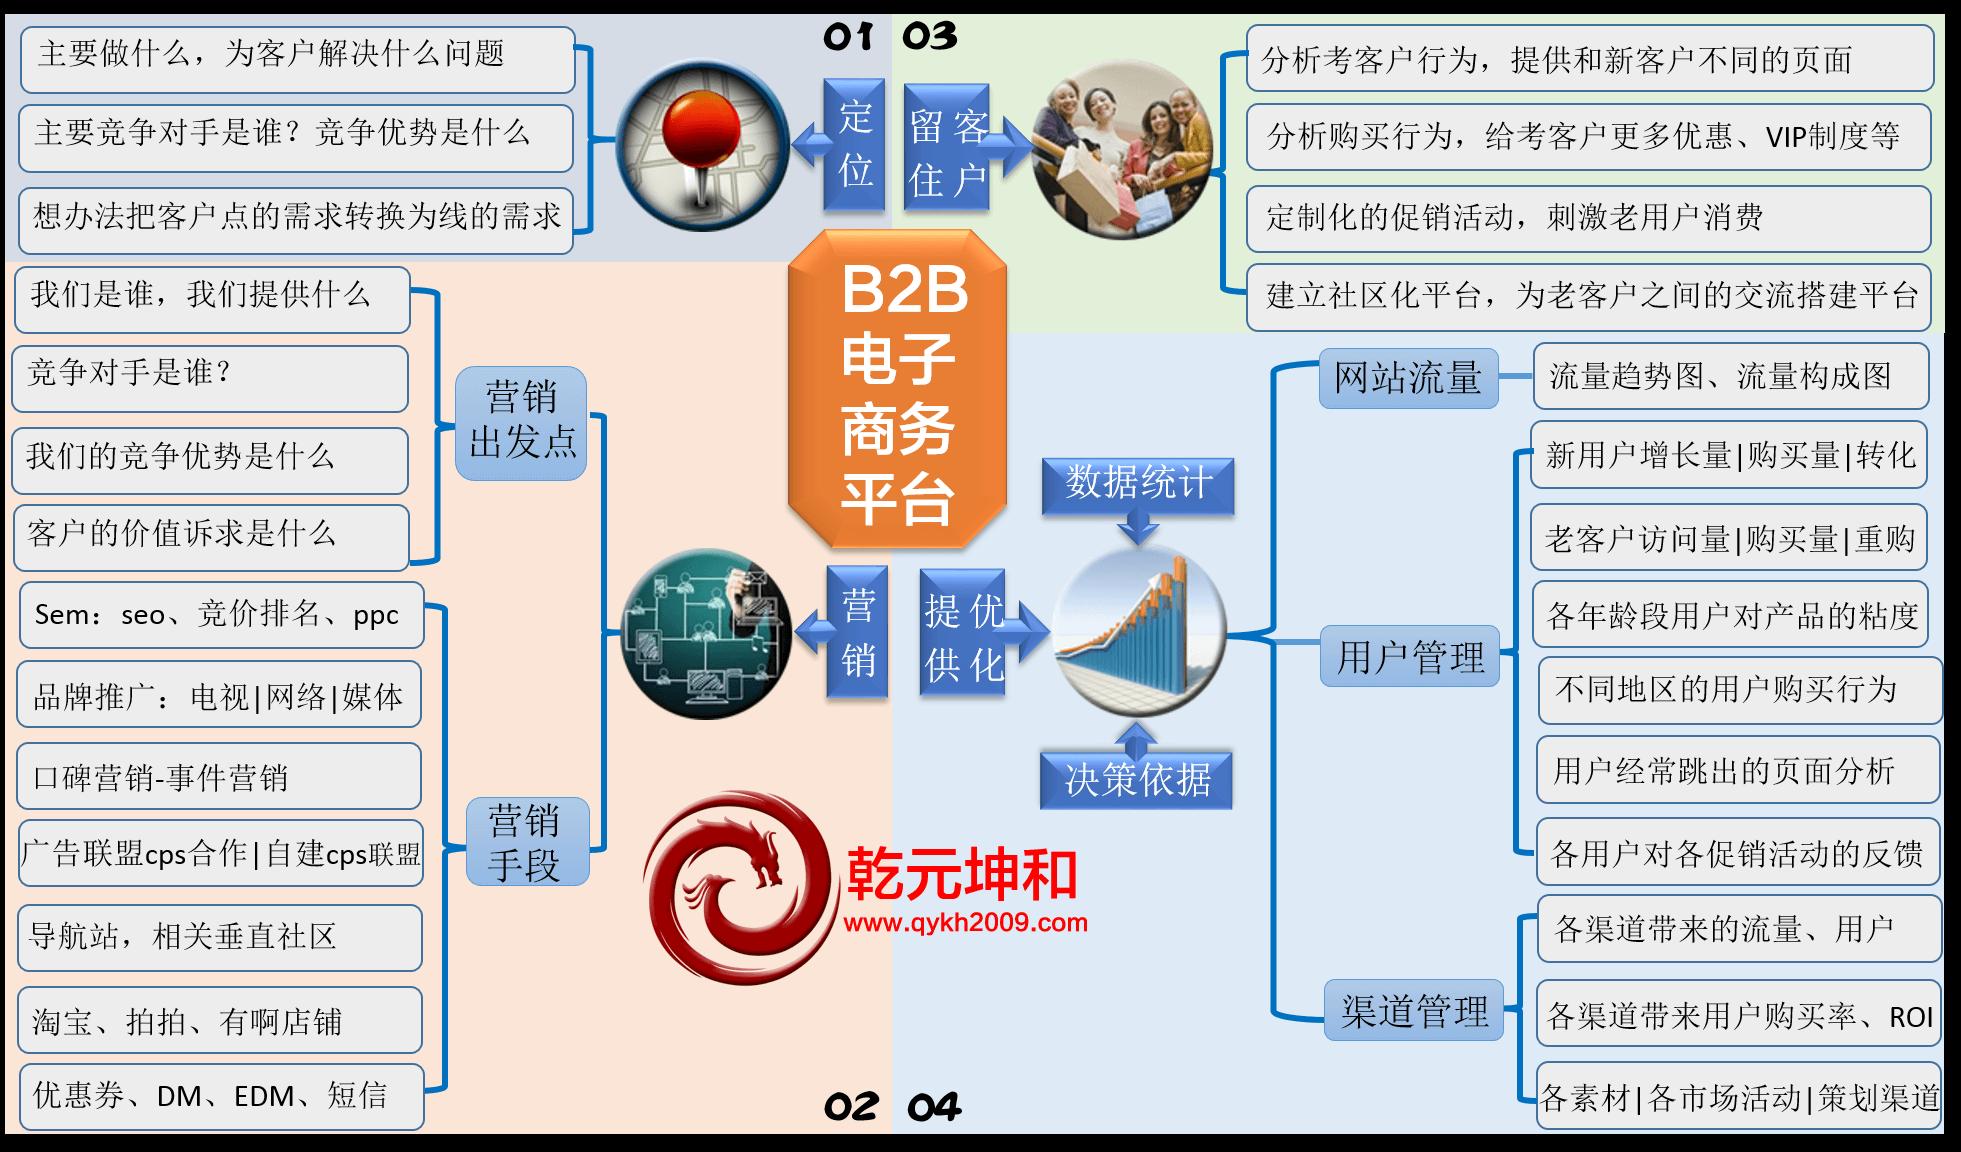 B2B网站建设解决方案